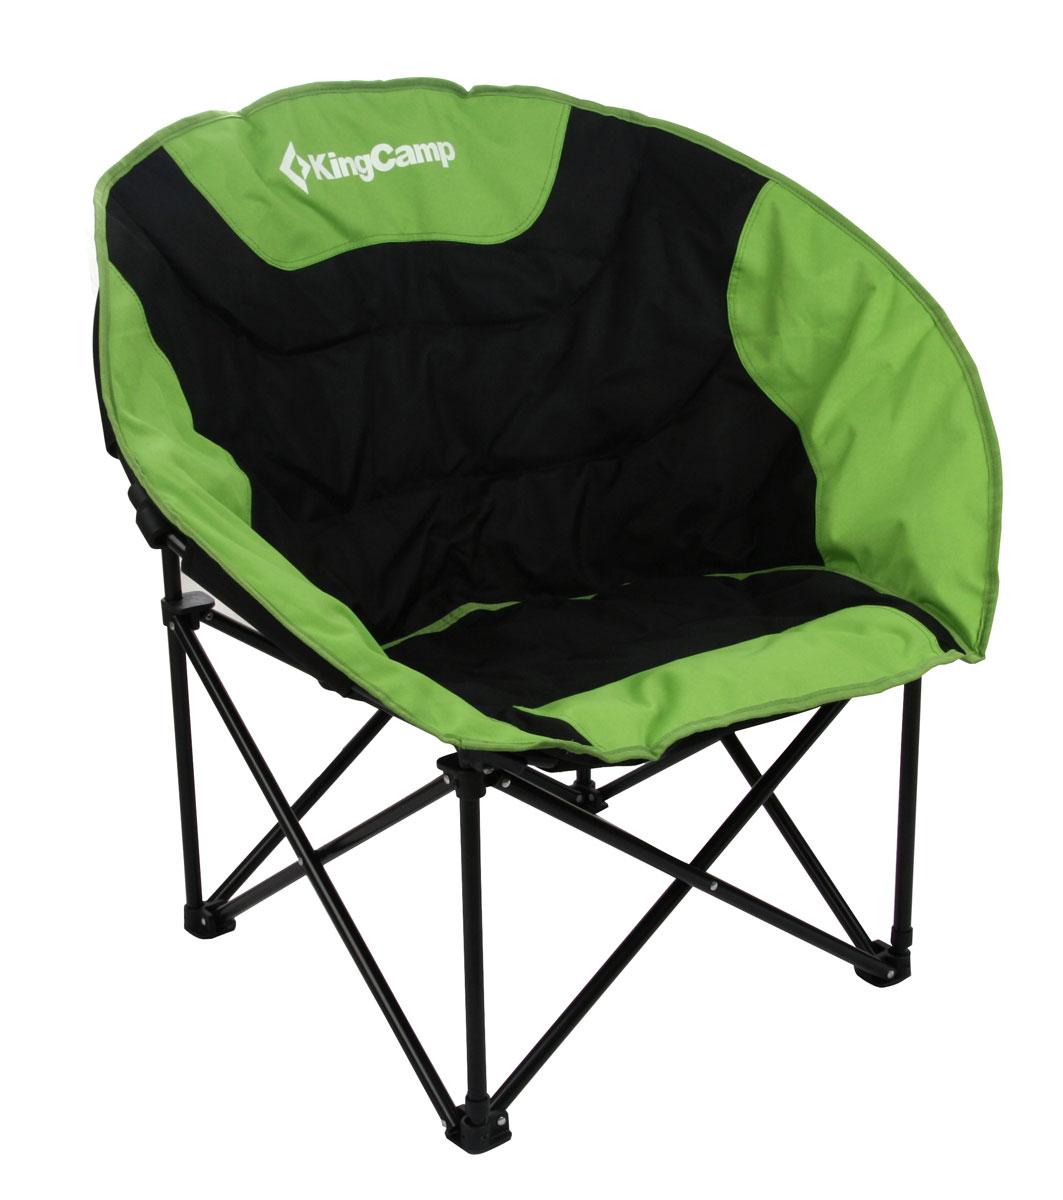 Кресло складное KingCamp Moon Leisure Chair, цвет: зеленыйУТ-000049531Складное круглое кресло KingCamp Луна с широким сиденьем - незаменимый предмет в походе, на природе, на рыбалке, а также на даче. Кресло имеет прочный металлический каркас и покрытие из уплотненного мягкого текстиля, оно легко собирается и разбирается и не занимает много места, поэтому подходит для транспортировки и хранения дома. Для большего удобства к креслу прилагается чехол для хранения с удобной ручкой. Характеристики:Размер в разложенном виде: 84 см х 70 см х 80 см. Высота спинки сиденья: 38 см. Размер в сложенном виде: 90 см х 30 см х 15 см. Материал: полиэстер 600D Oxford с покрытием ПВХ, нержавеющая сталь. Наполнитель: пена PVC. Вес: 4,6 кг. Производитель: Китай.Артикул: 3816 green.